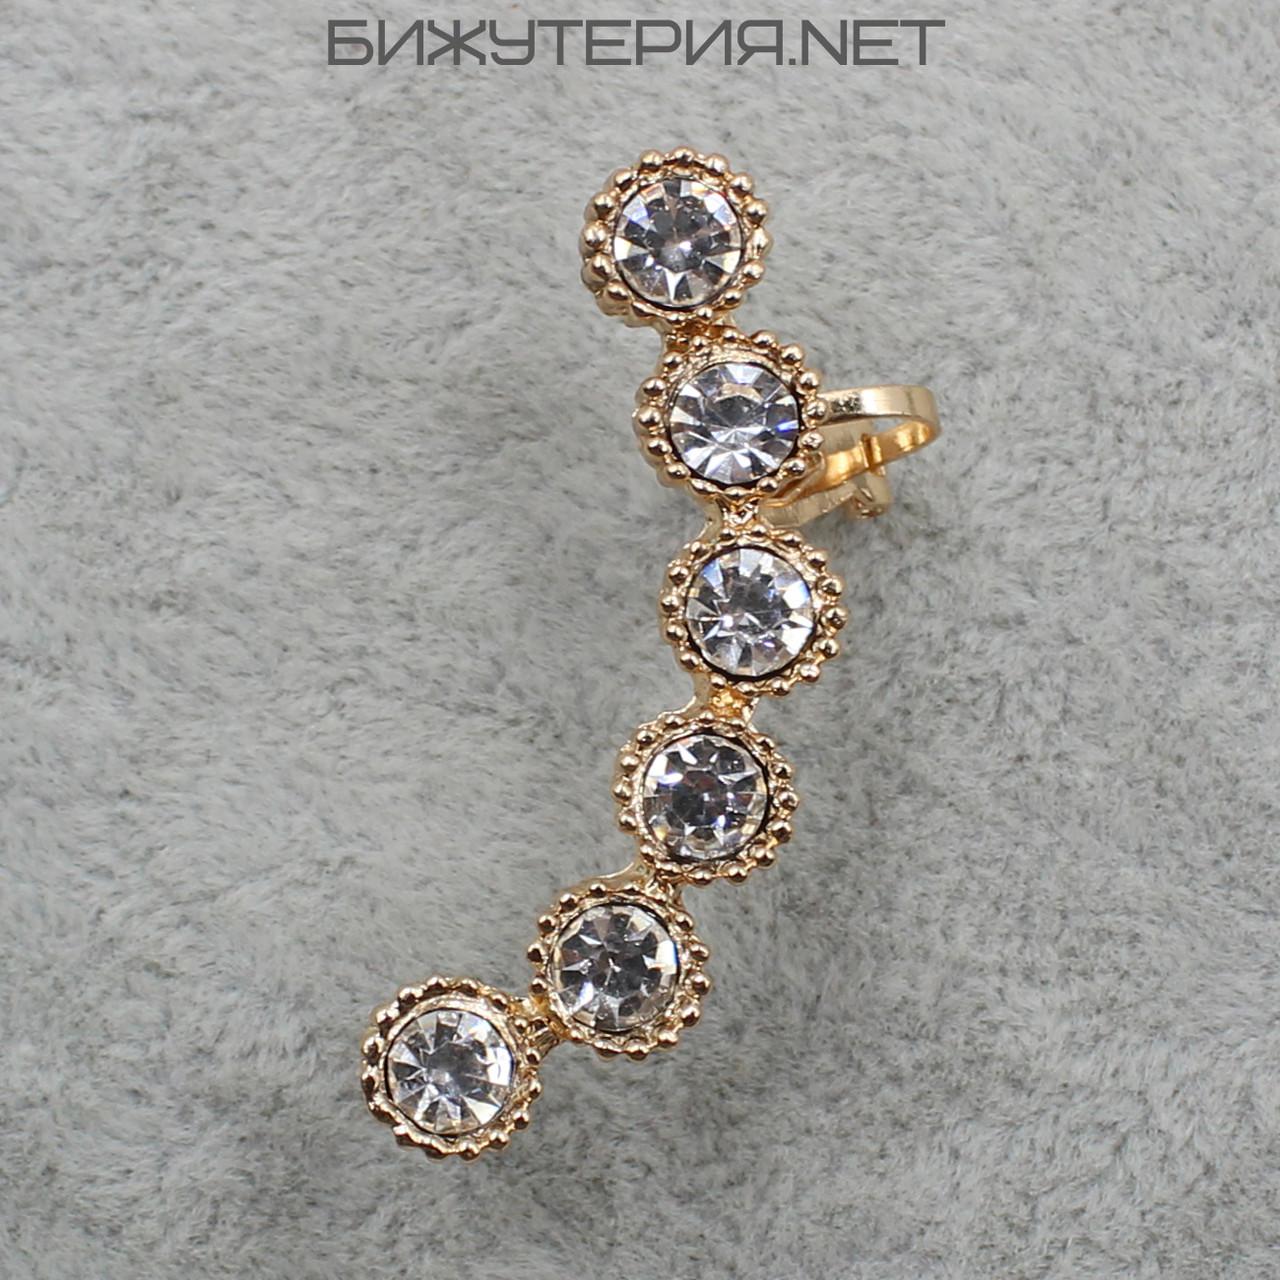 Серьги Каффы JB декорированы кристаллами  - 1064861454